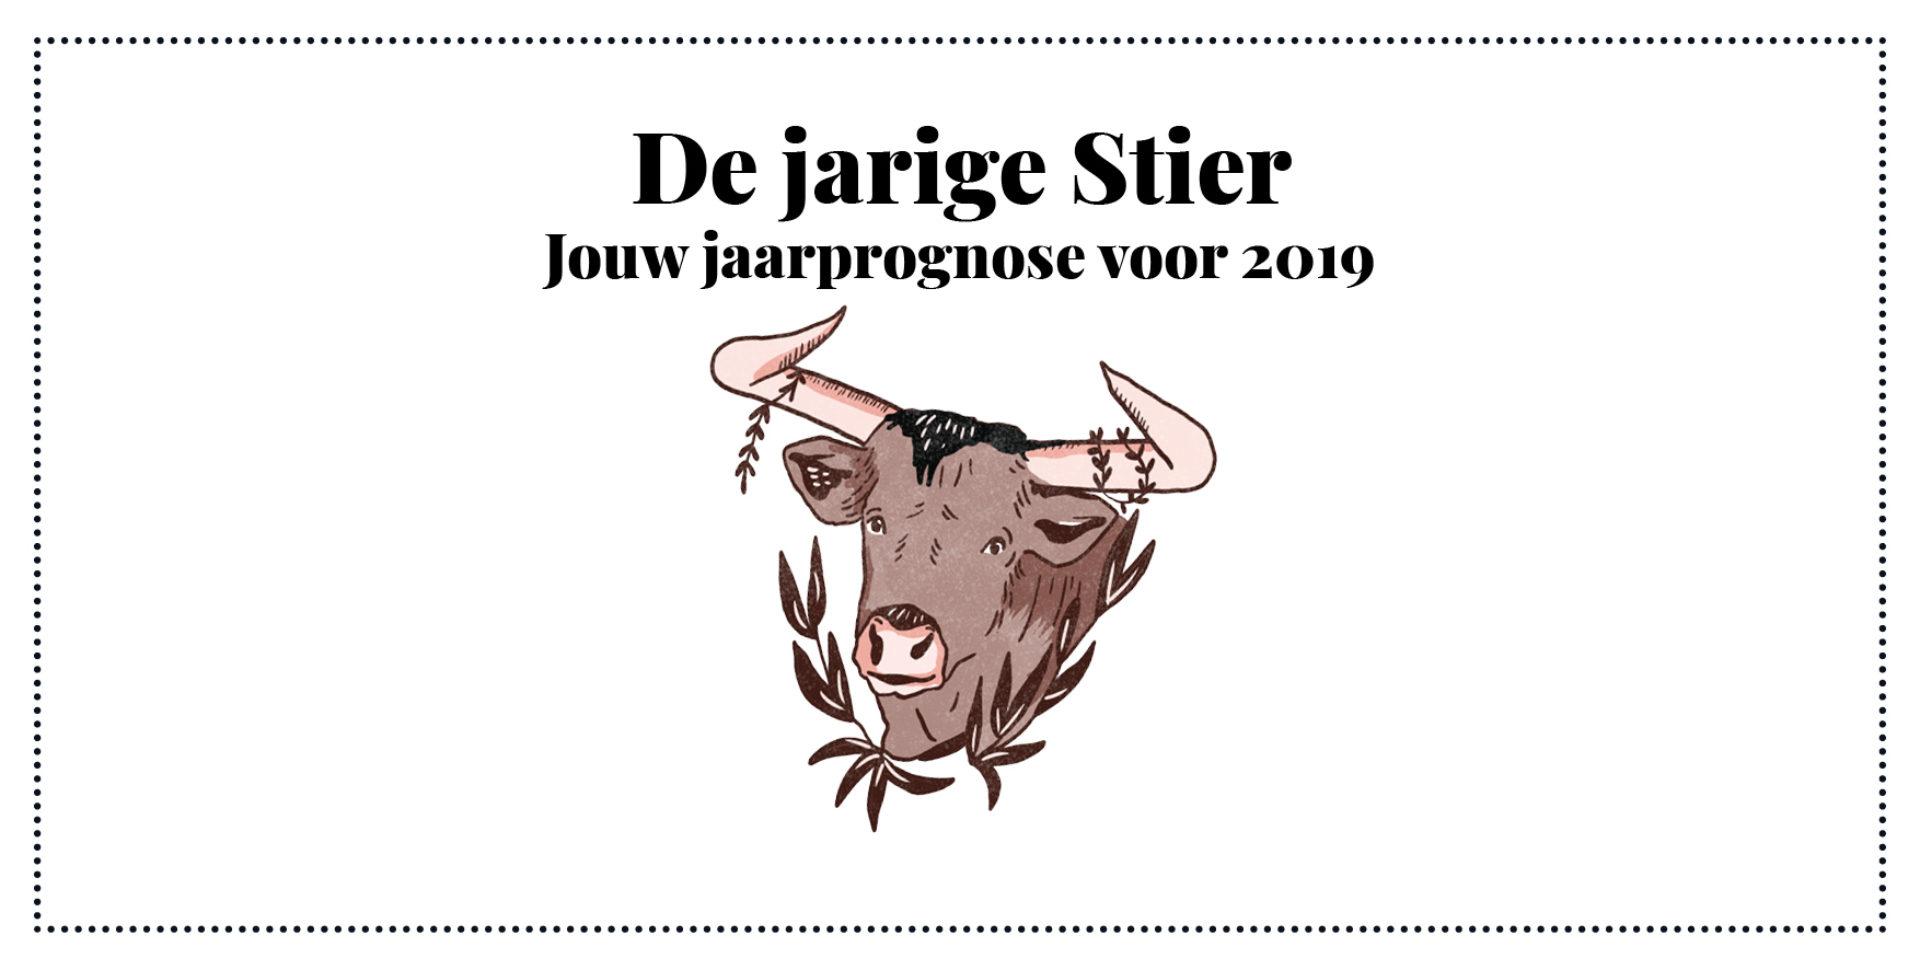 Stier, jouw jaarhoroscoop 2019-2020